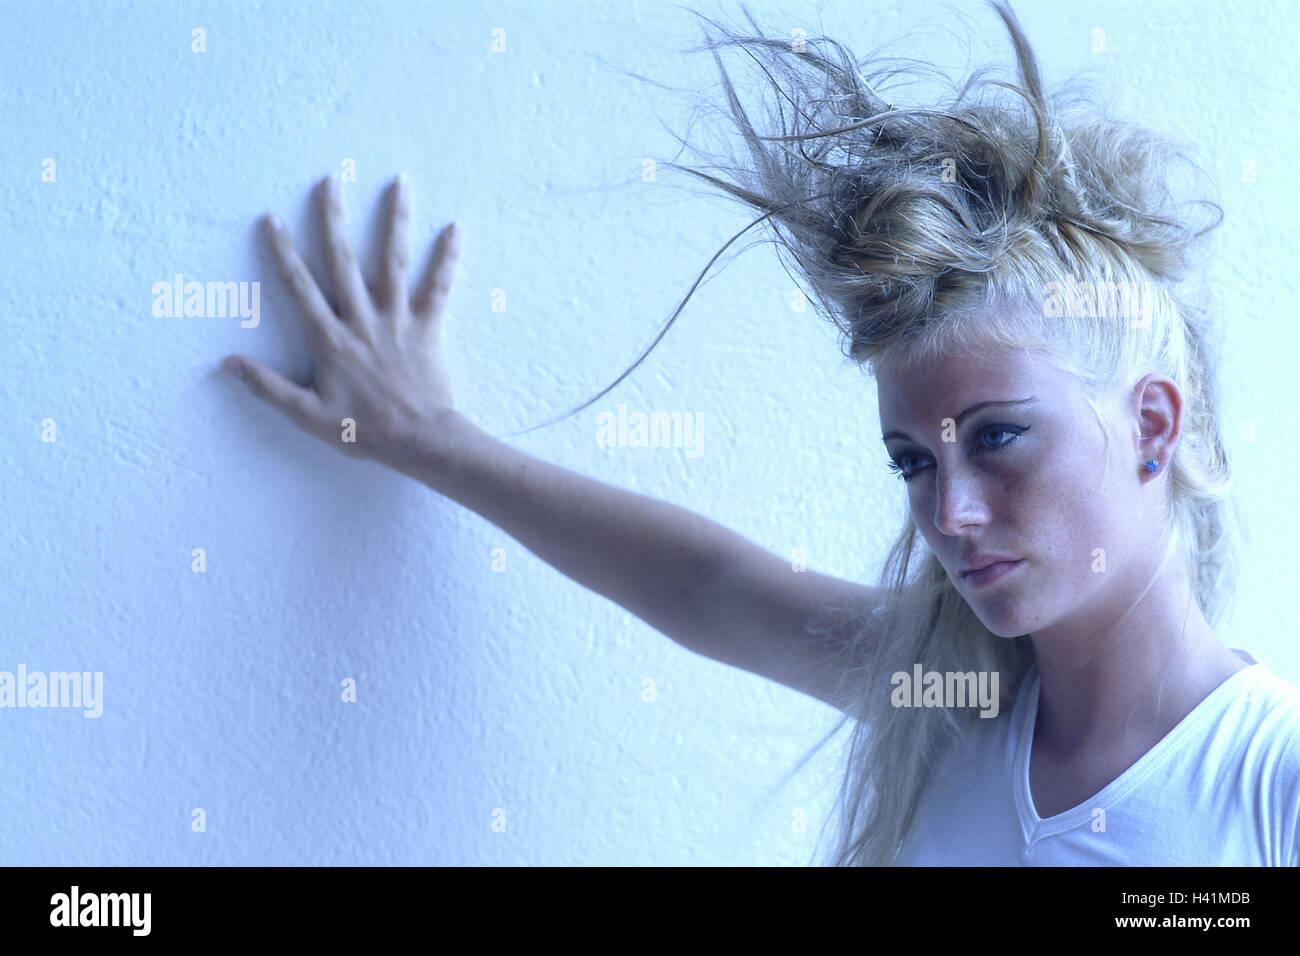 Frau, jung, ernst, flatterhaft, Geste, Wand, Porträt, Jugendliche, 21 Jahre, Frauen Porträt, Provokation, Stil, Ansicht, arrogant, hochmütig, provozieren, Schminke, geschminkt, Make-up, auffällig, bunt, Haare hochgesteckt, Frisur, Punkig, trashig, Mode, modisch, spektrale filter blau, 20-30 Jahre Stockfoto